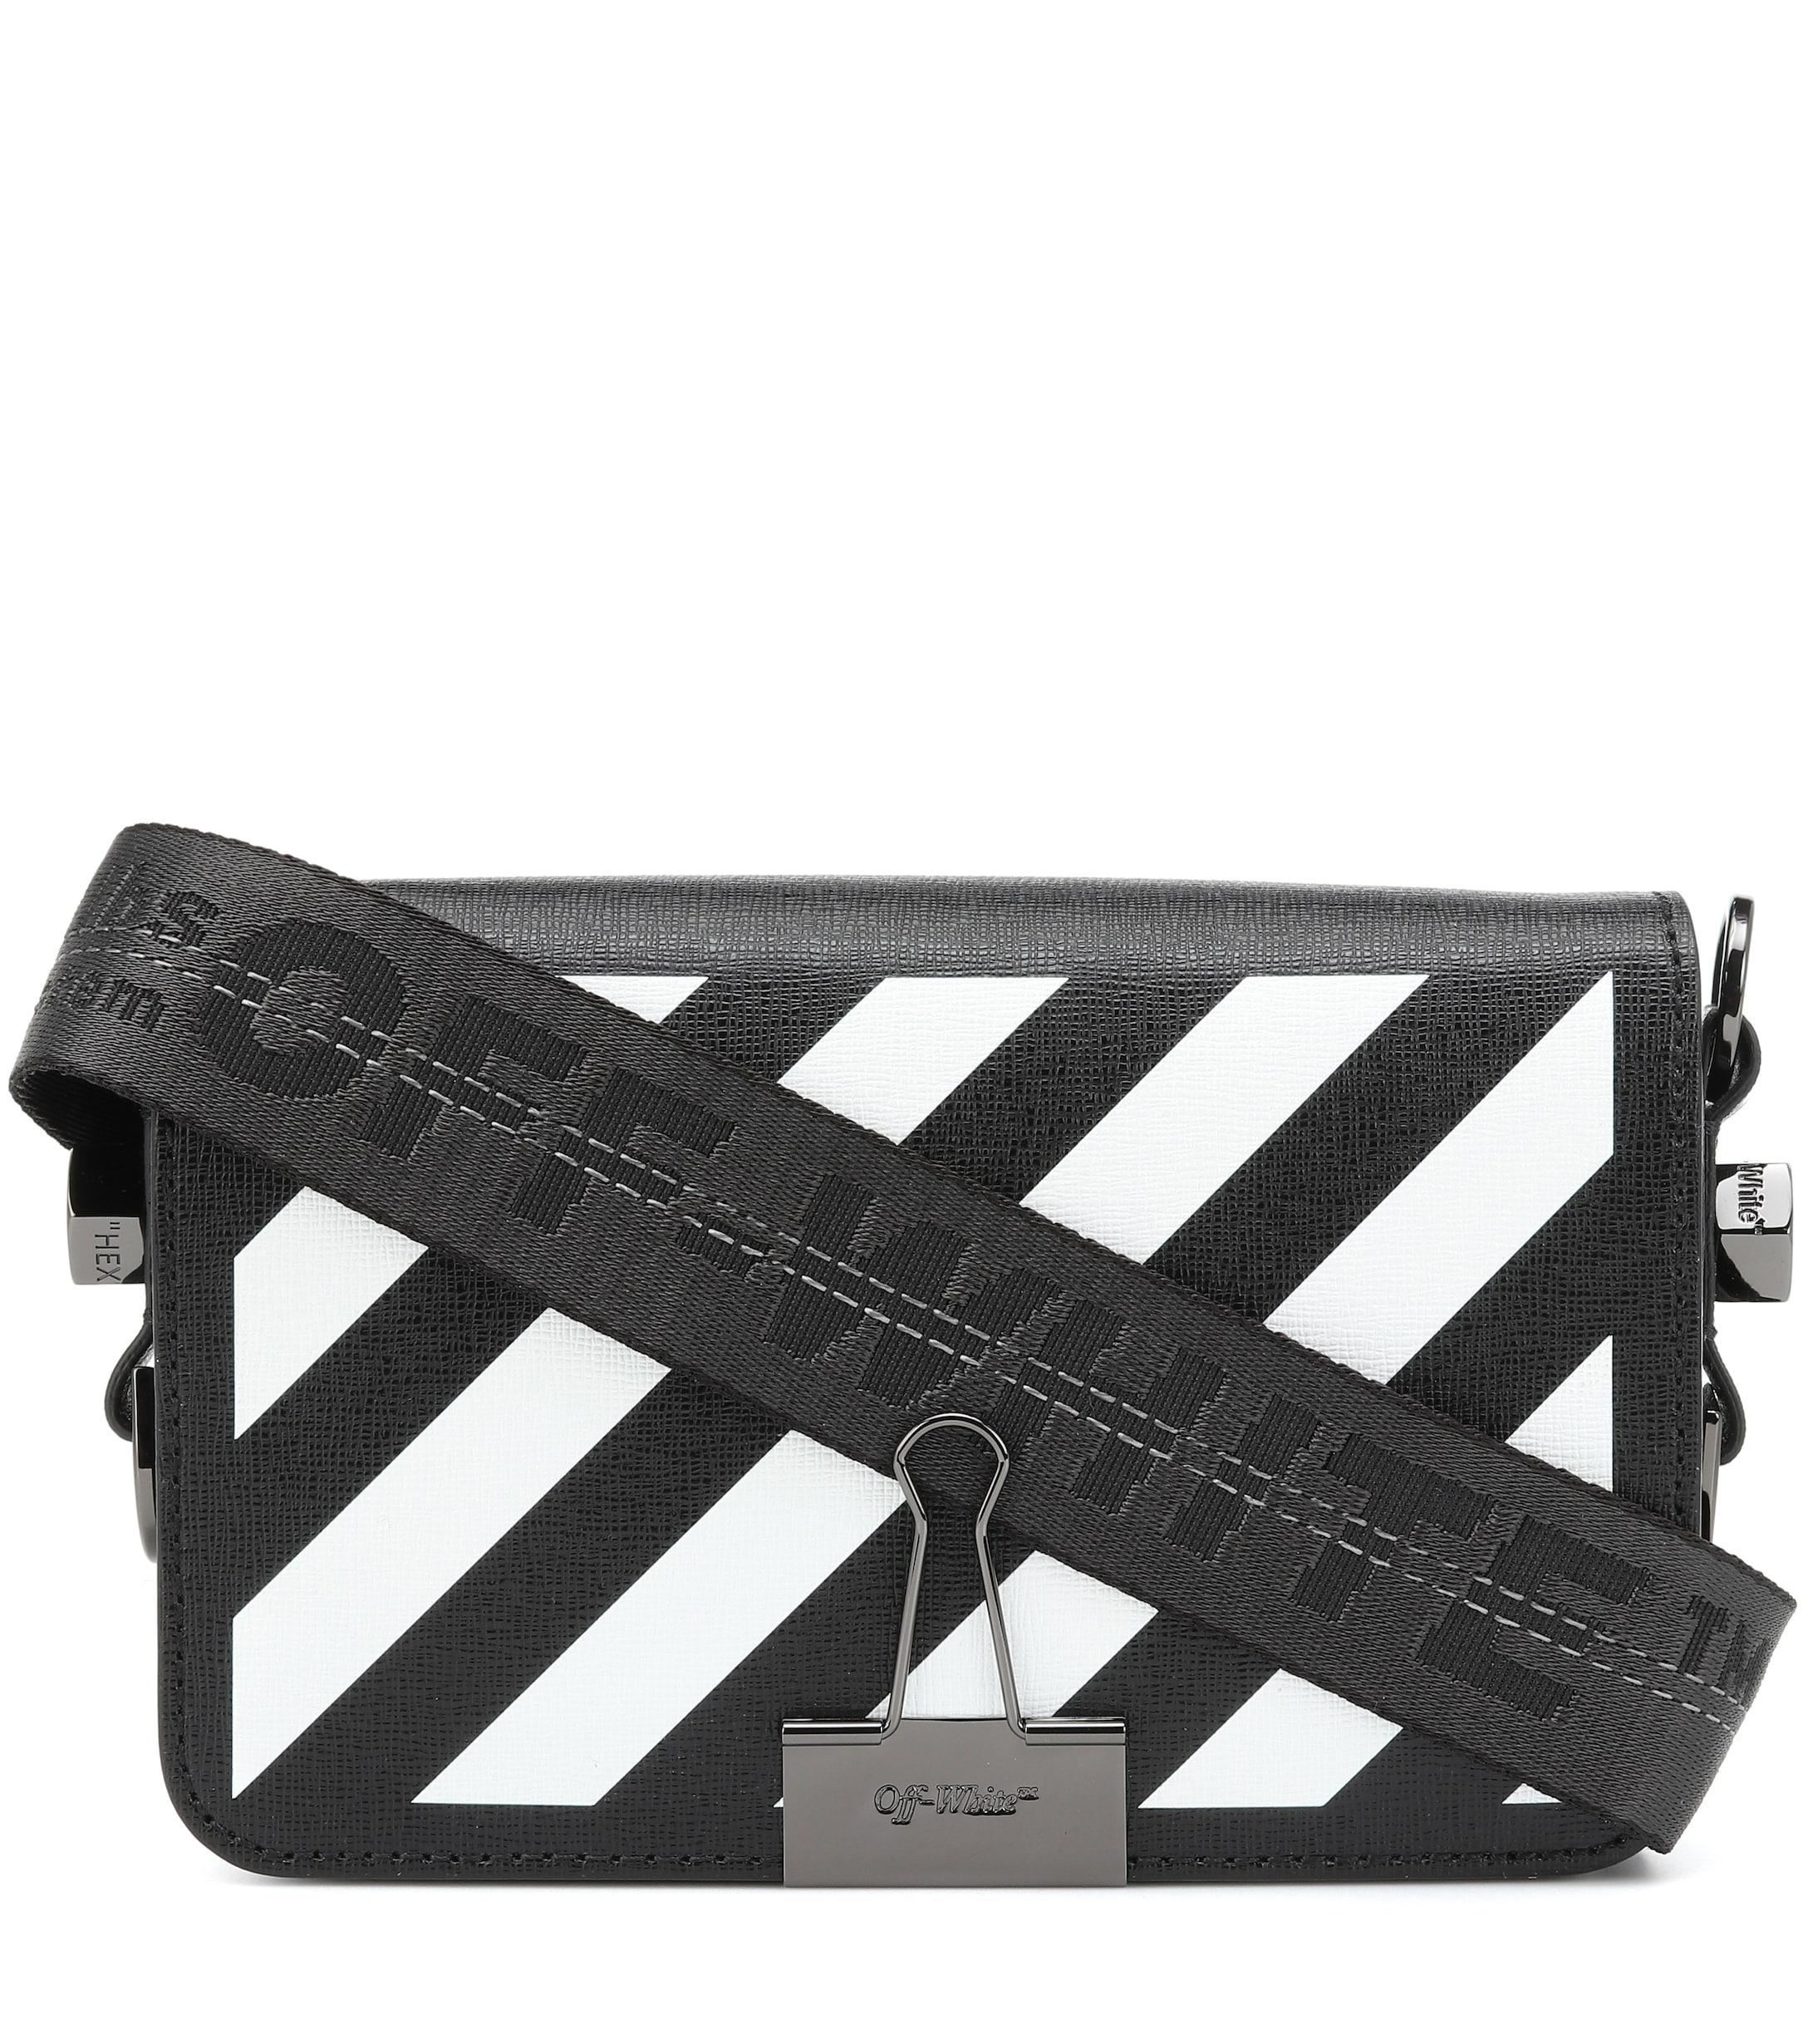 Off-White C/o Virgil Abloh Binder Clip Mini Shoulder Bag